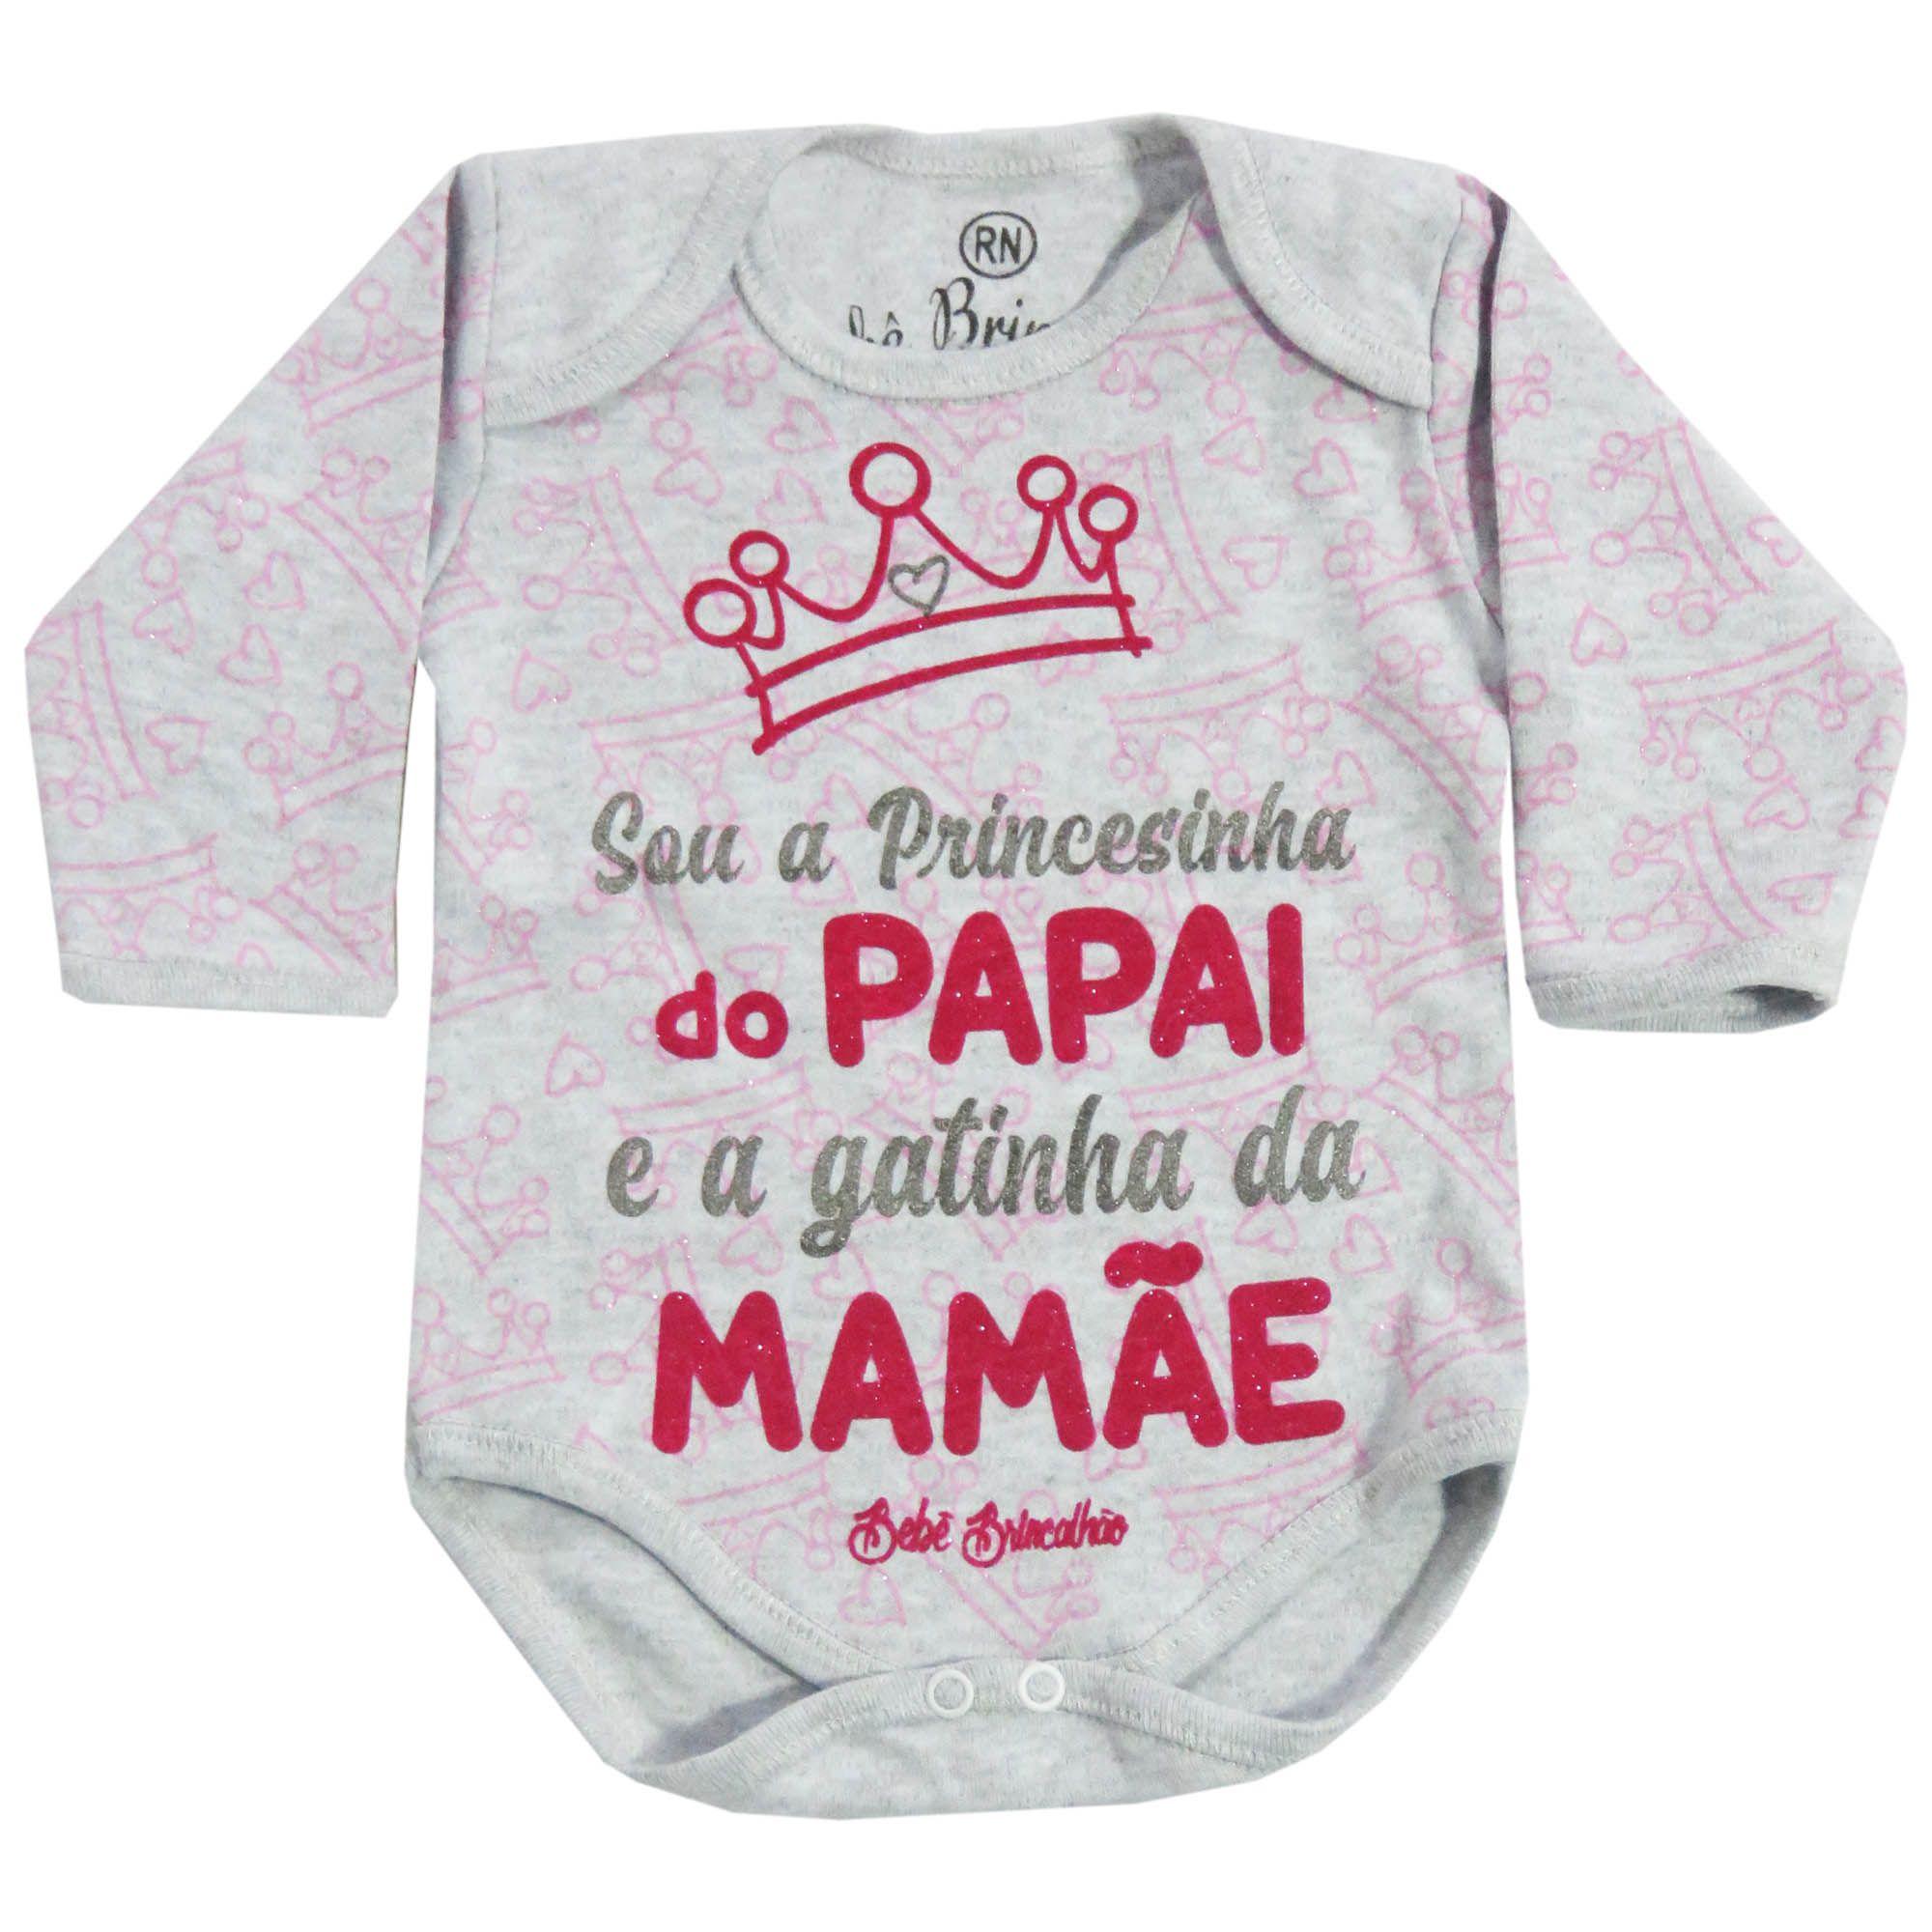 Body Bebê Brincalhão Frases Sou a Princesinha do Papai e a Gatinha da Mamãe - RN ao G